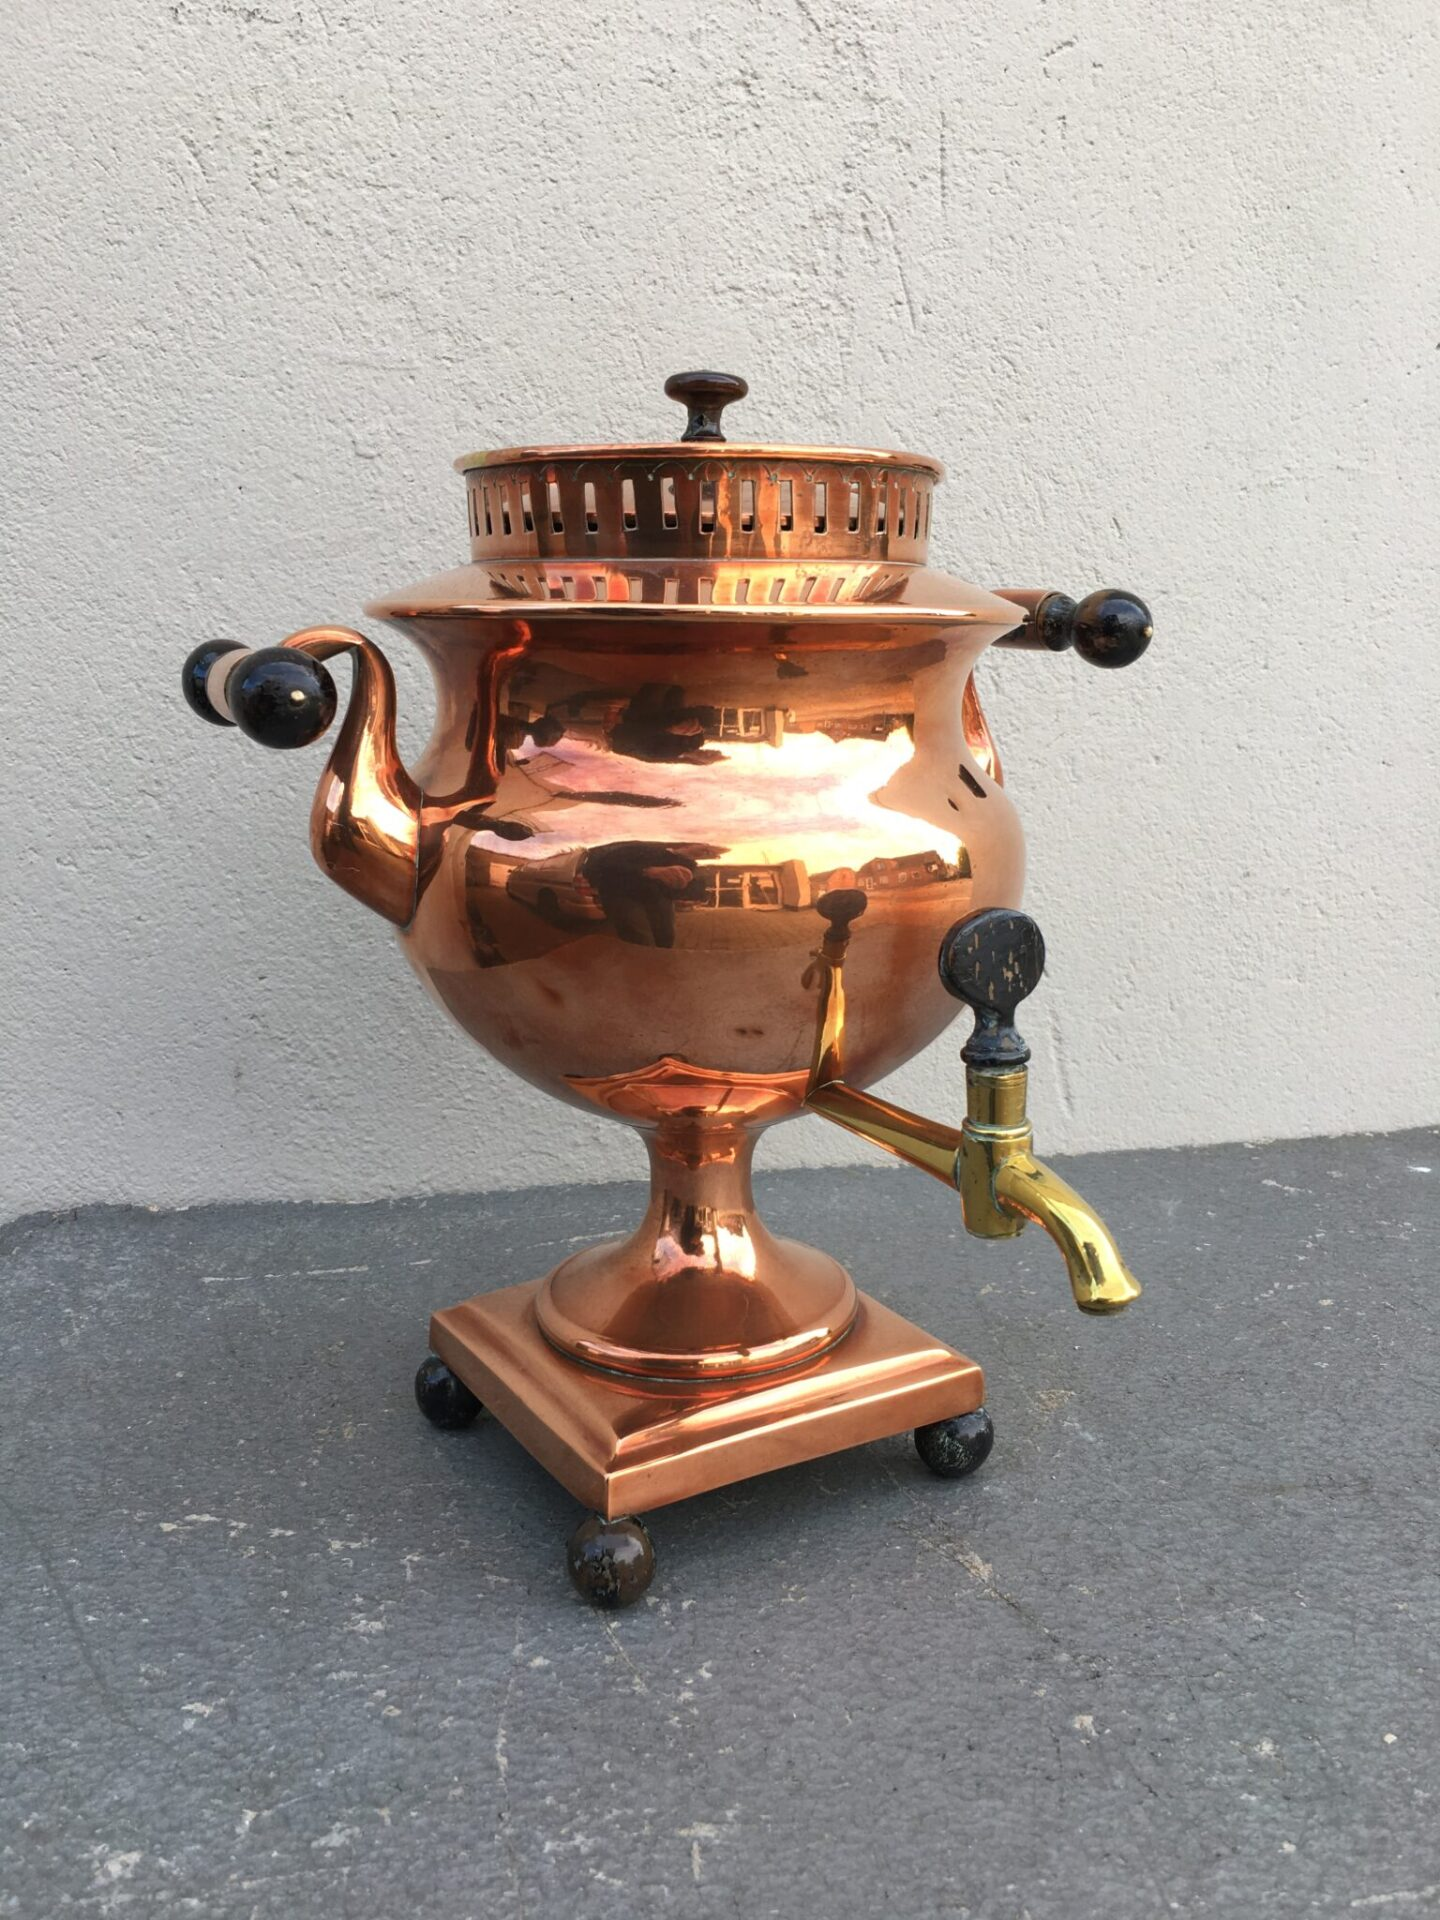 sjælden flotog velholdt samovar af kobber fra 1800-tallet, pris 400 kr